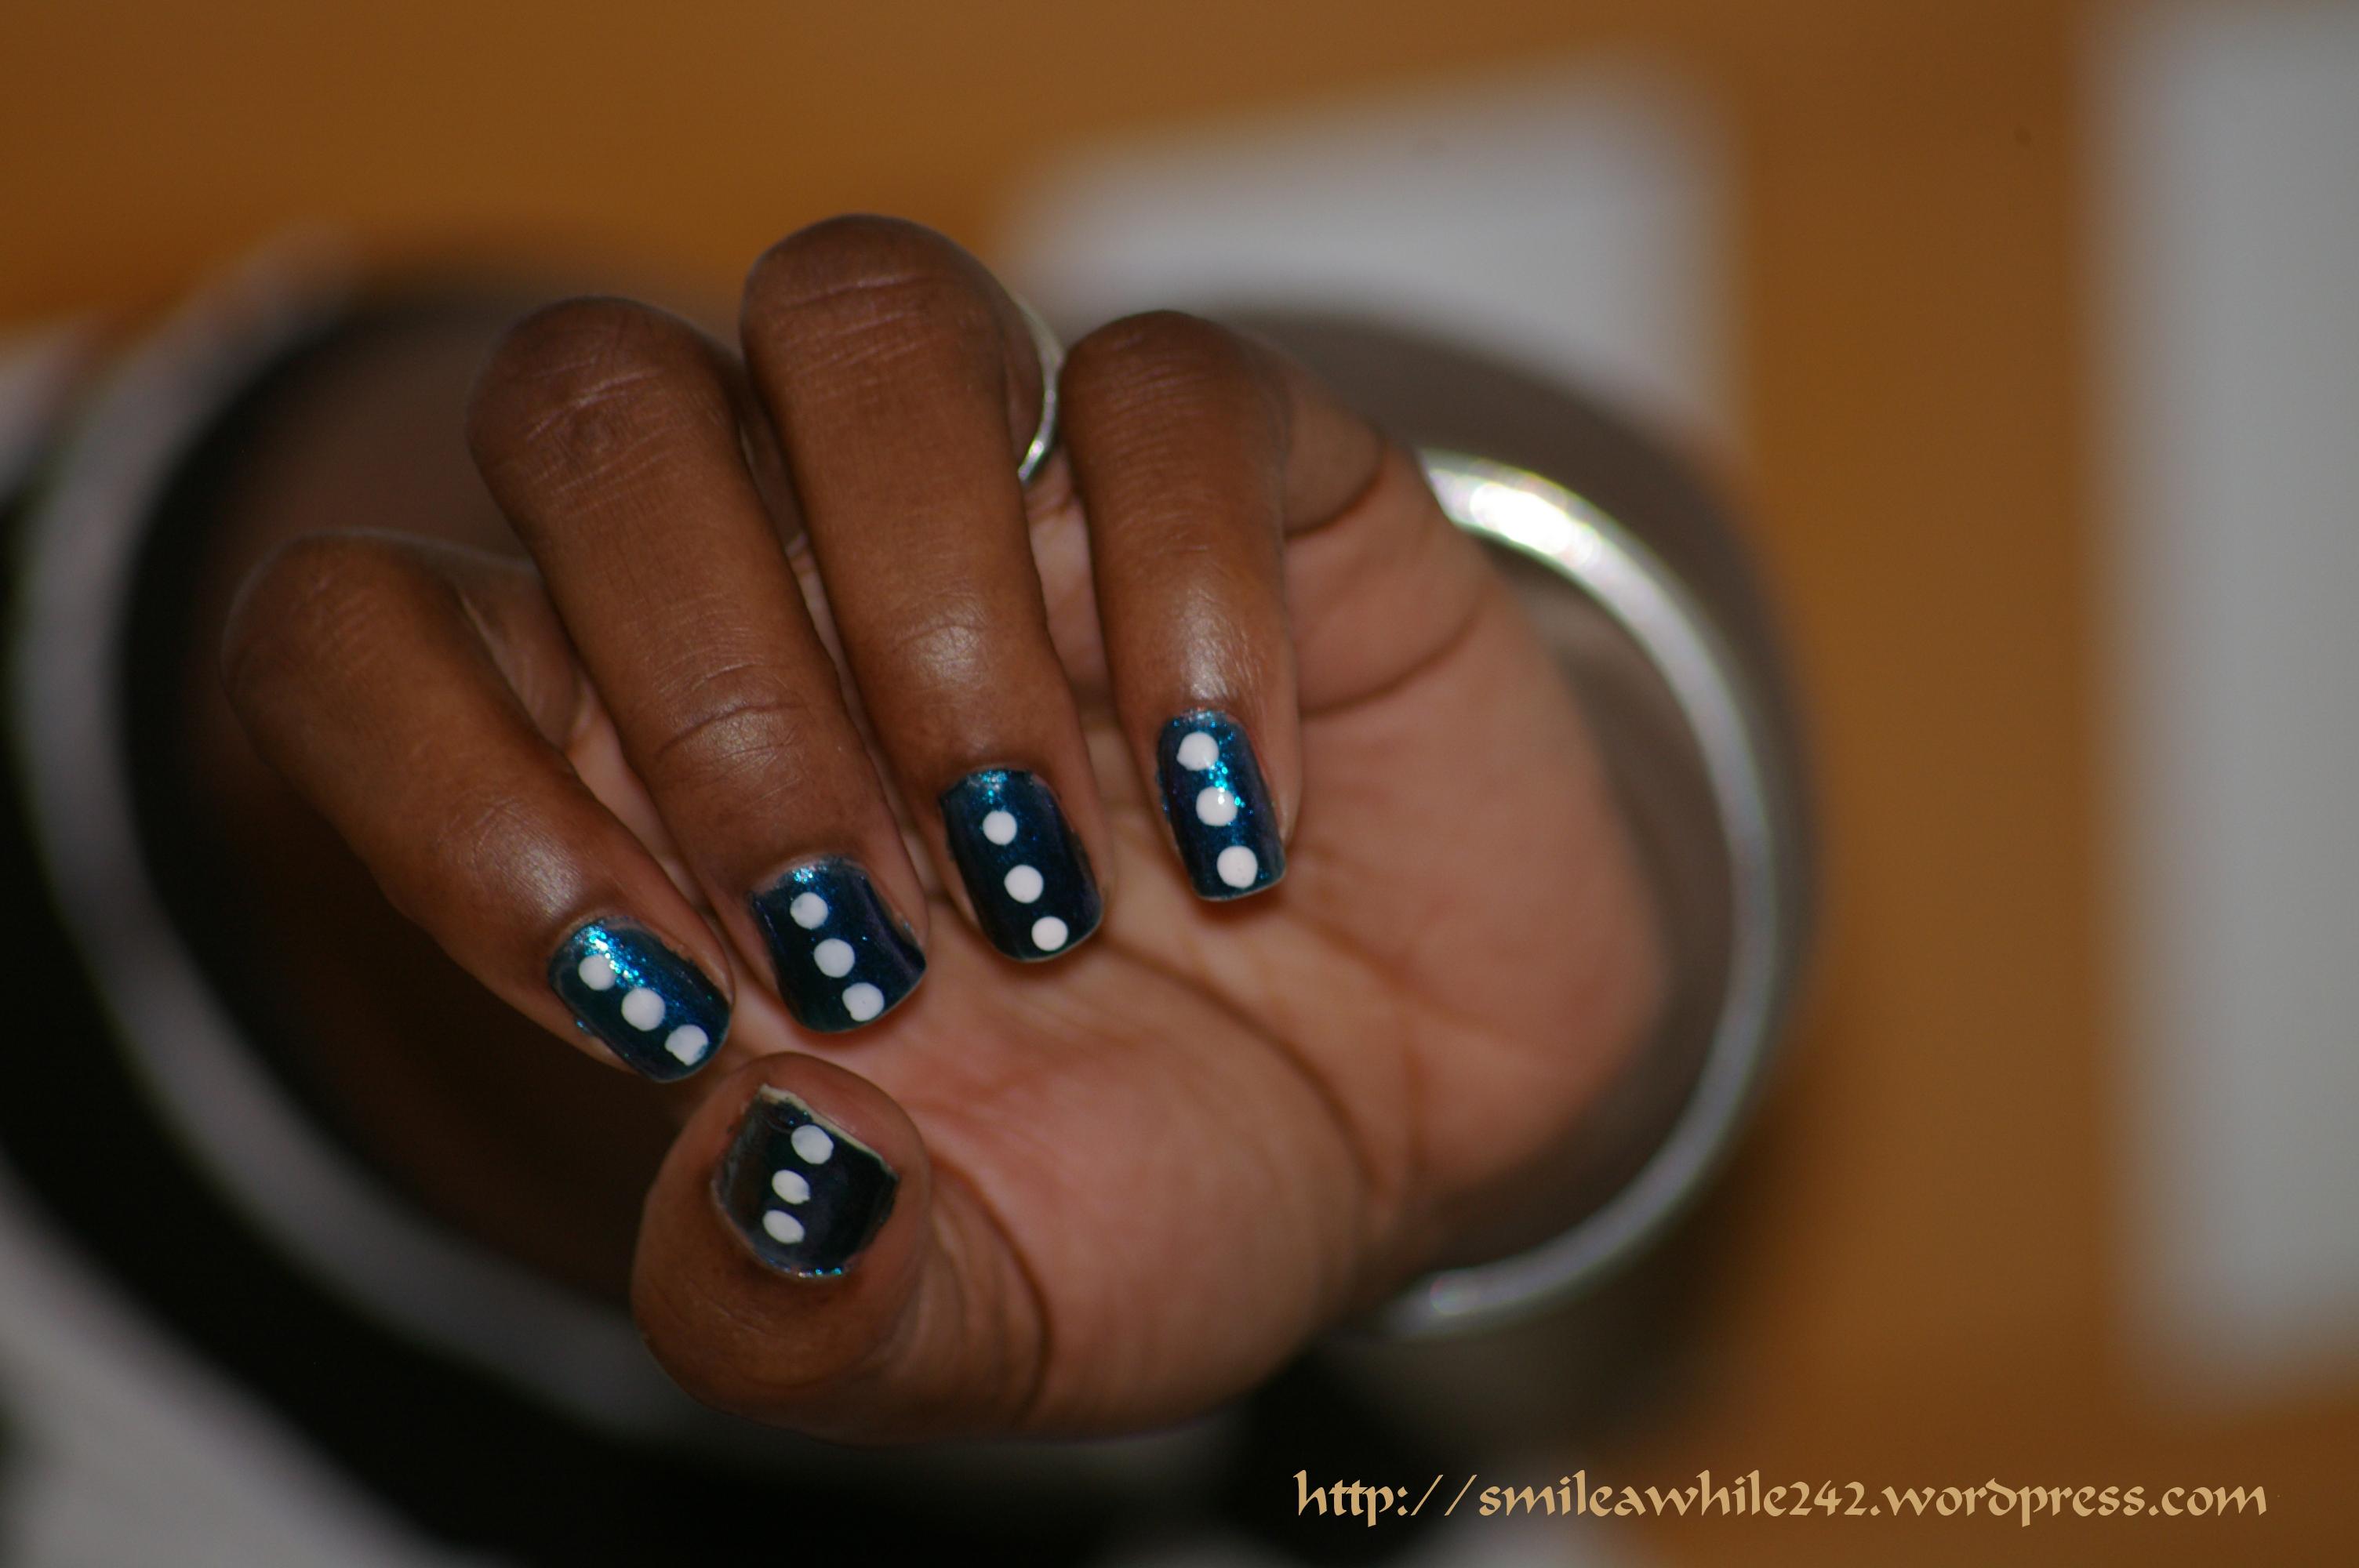 Tie Dye nails – .•*´‾`*•.◊ ♥♧ §mìłeǺŵhĩļэ™♥♧.•*´‾`*•.◊